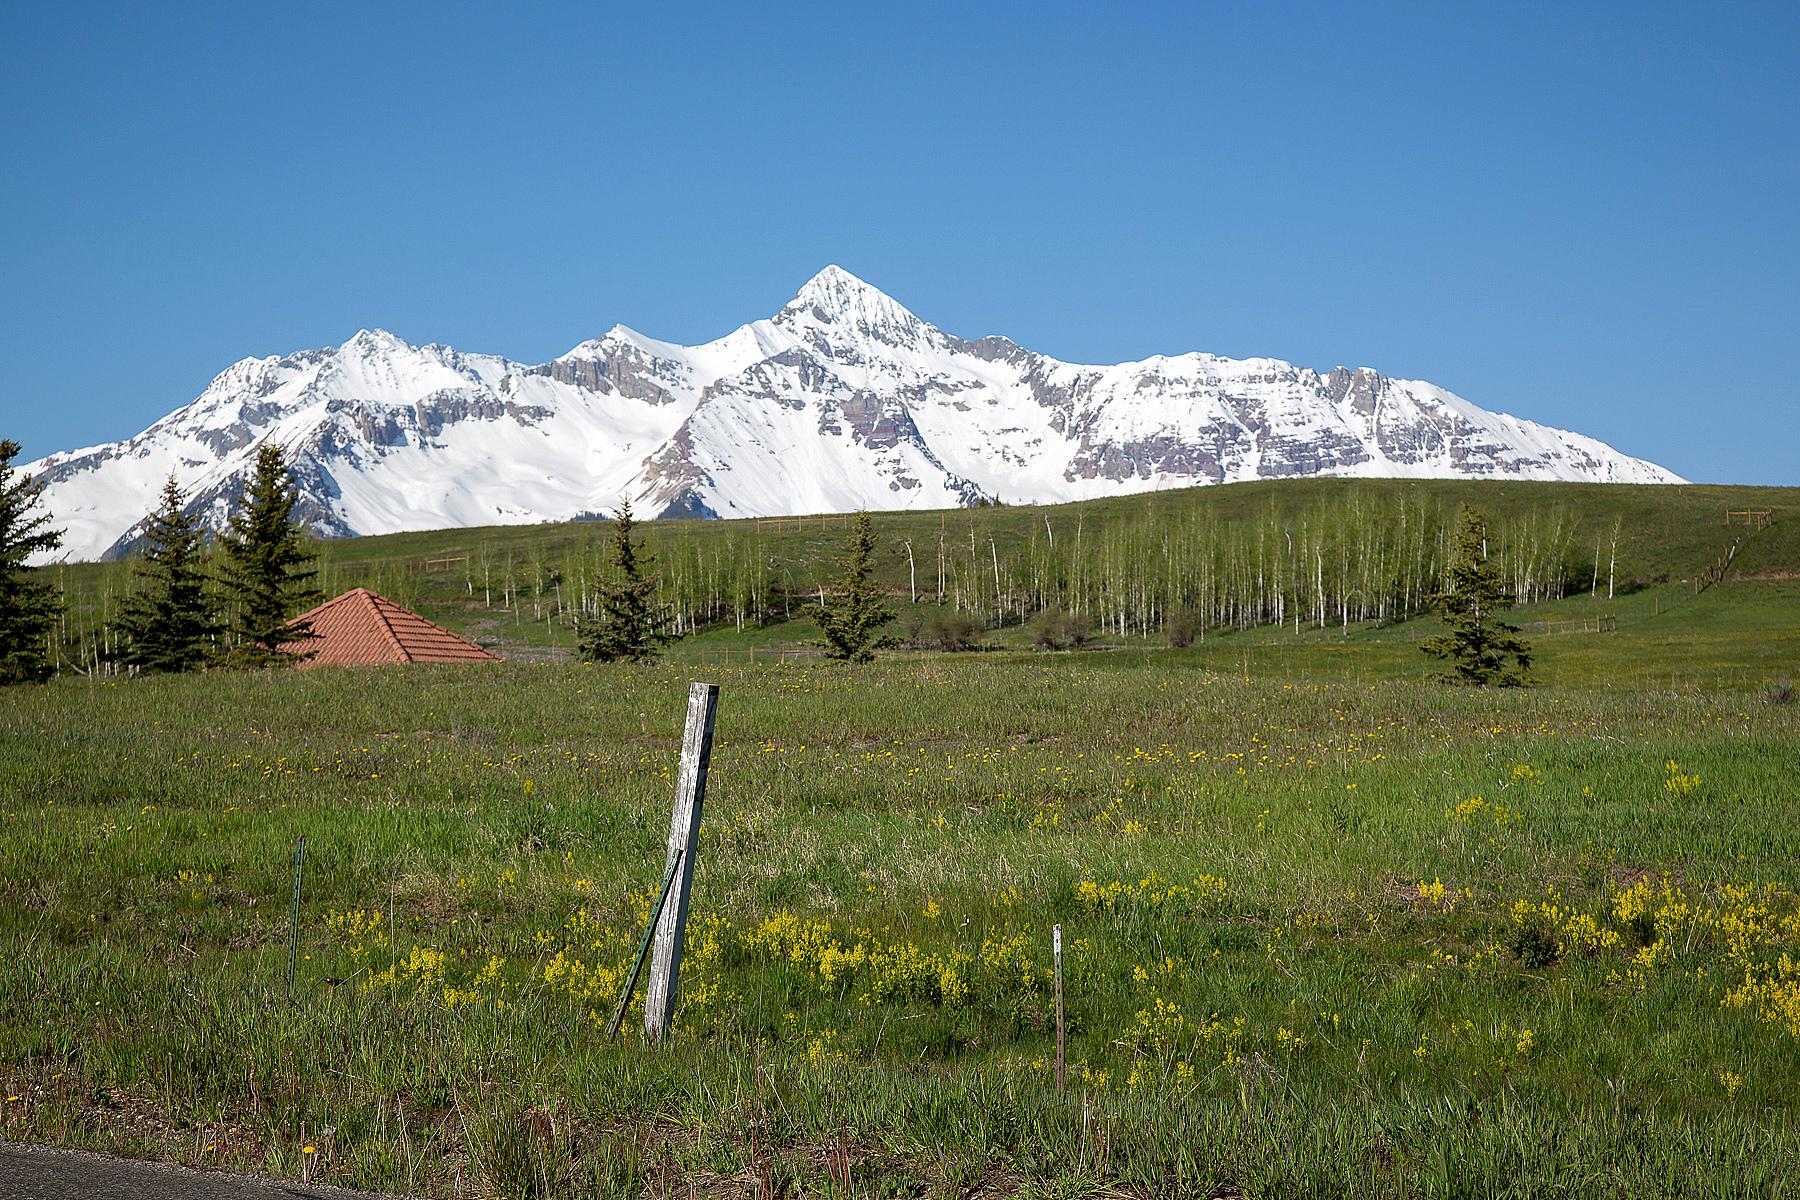 Terreno para Venda às Lot 725, TBD Benchmark Drive Lot 725, TBD Adams Ranch Road Telluride, Colorado, 81435 Estados Unidos